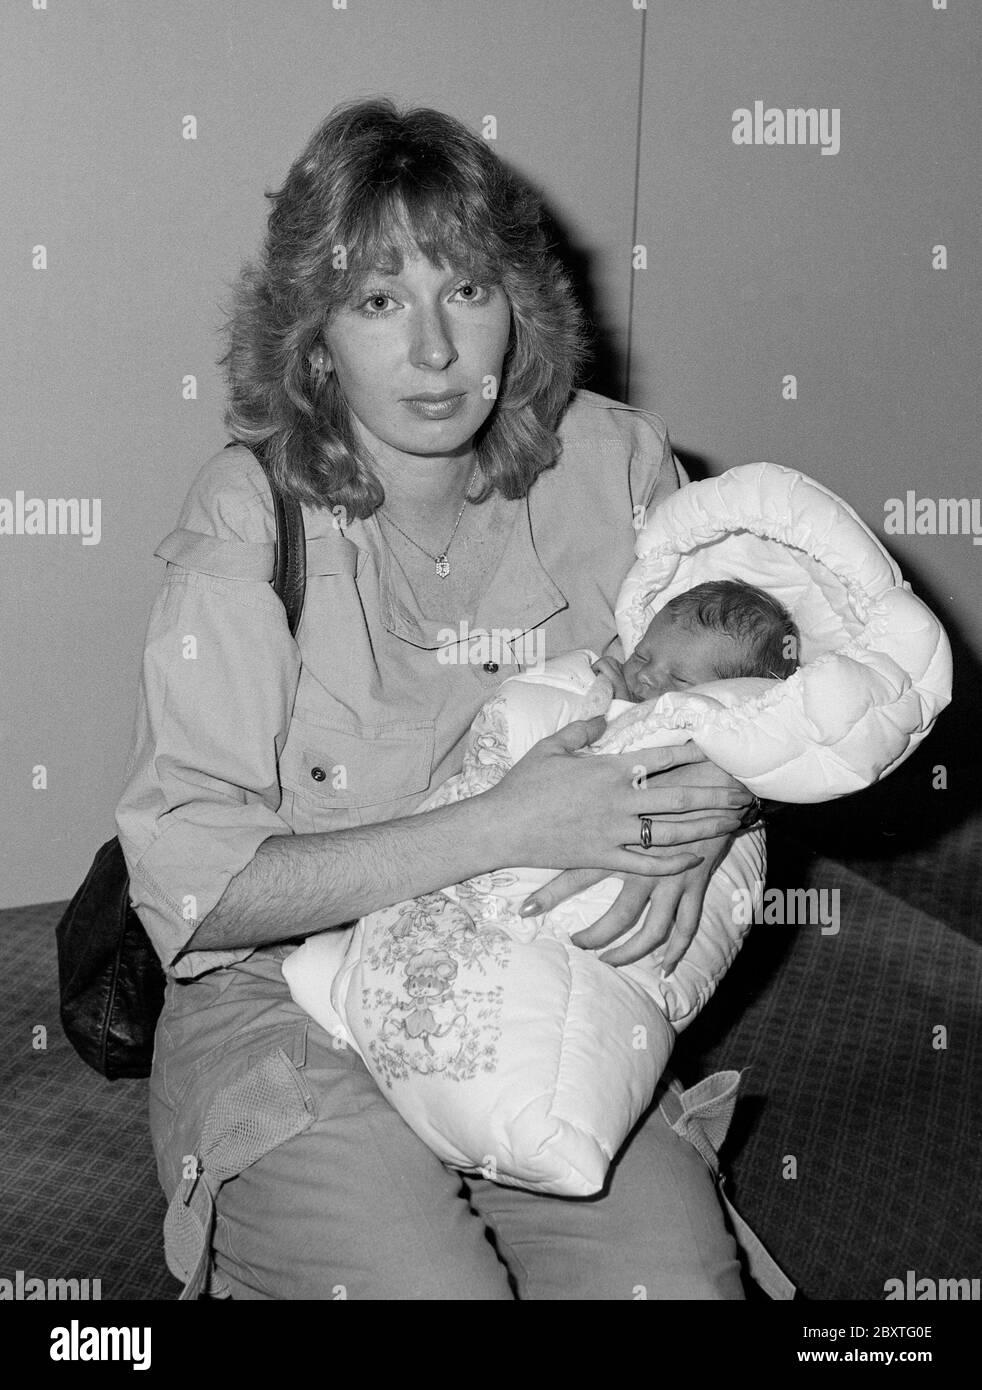 Une hôtesse britannique non mariée qui a donné naissance à un bébé au Qatar de manière inattendue est rentrée chez elle par crainte d'être arrêtée dans l'État du Golfe où il est illégal pour une femme célibataire d'avoir des bébés. Susan Mackie, 23 ans, hôtesse de Gulf Air, a déclaré lundi soir à son arrivée à l'aéroport d'Heathrow qu'elle n'avait aucune idée qu'elle était enceinte jusqu'à ce qu'elle soit entrée en travail la semaine dernière lors d'une escale d'une nuit à Doha, capitale du Qatar. Banque D'Images